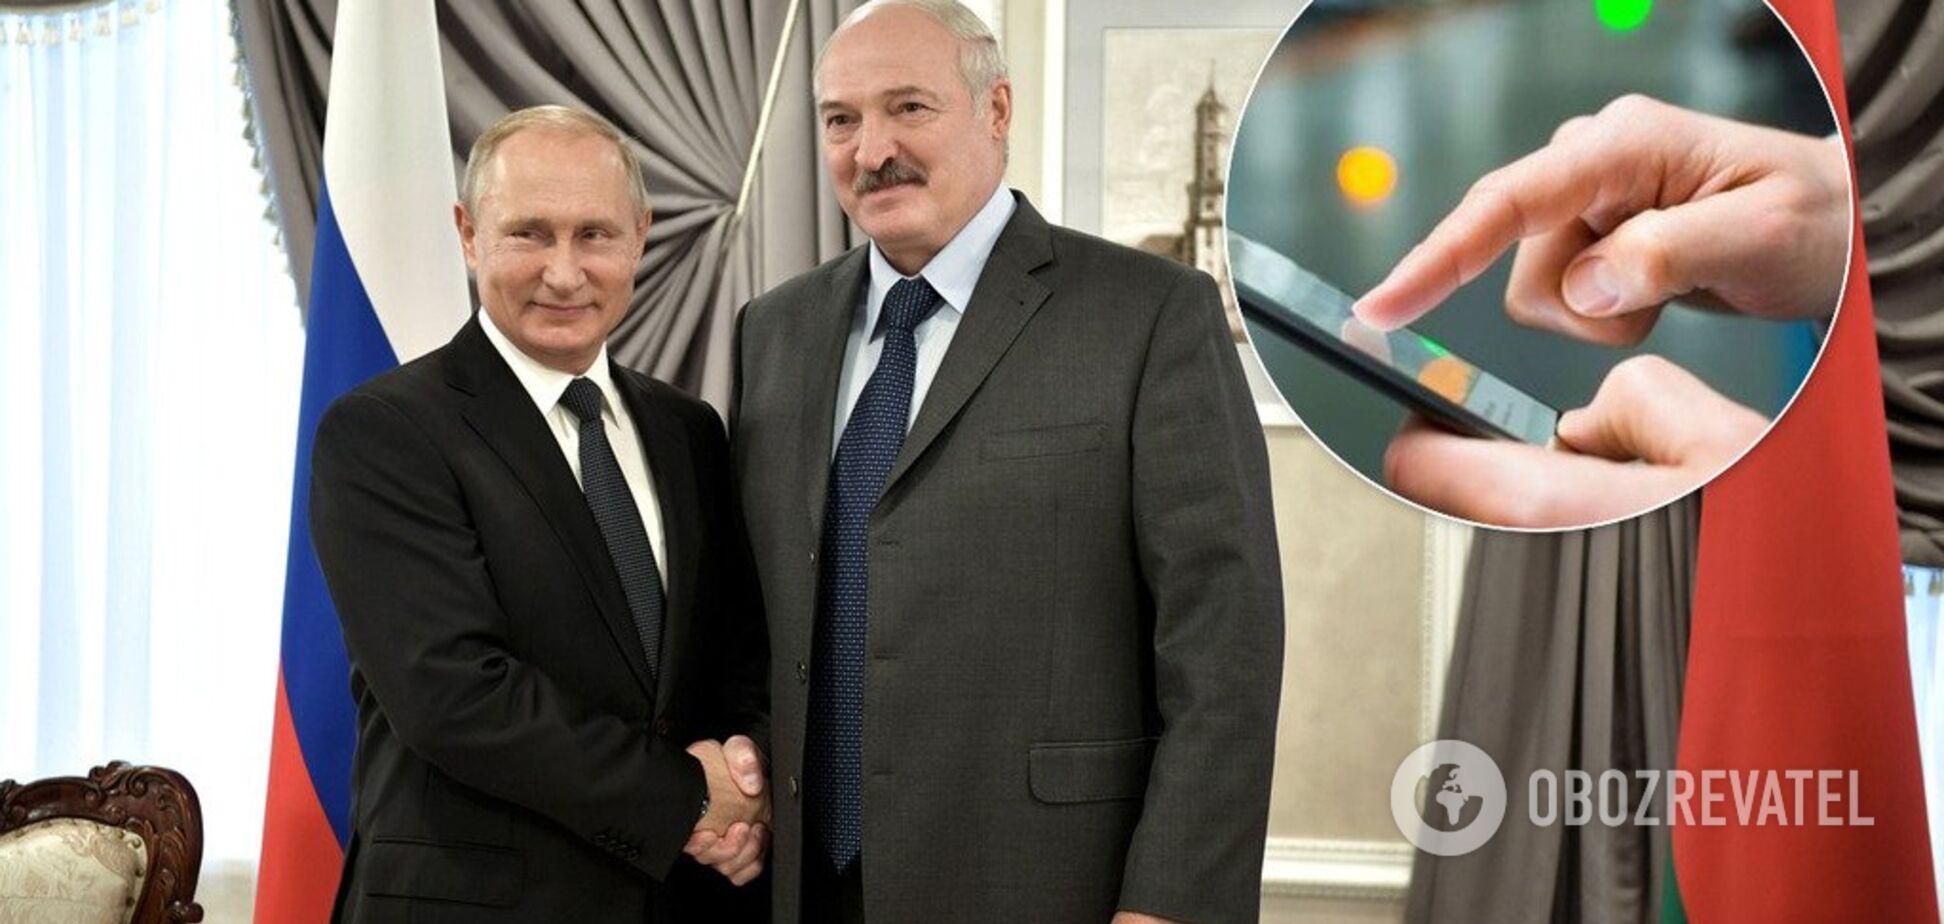 В Беларуси сделали еще один шаг к объединению с Россией